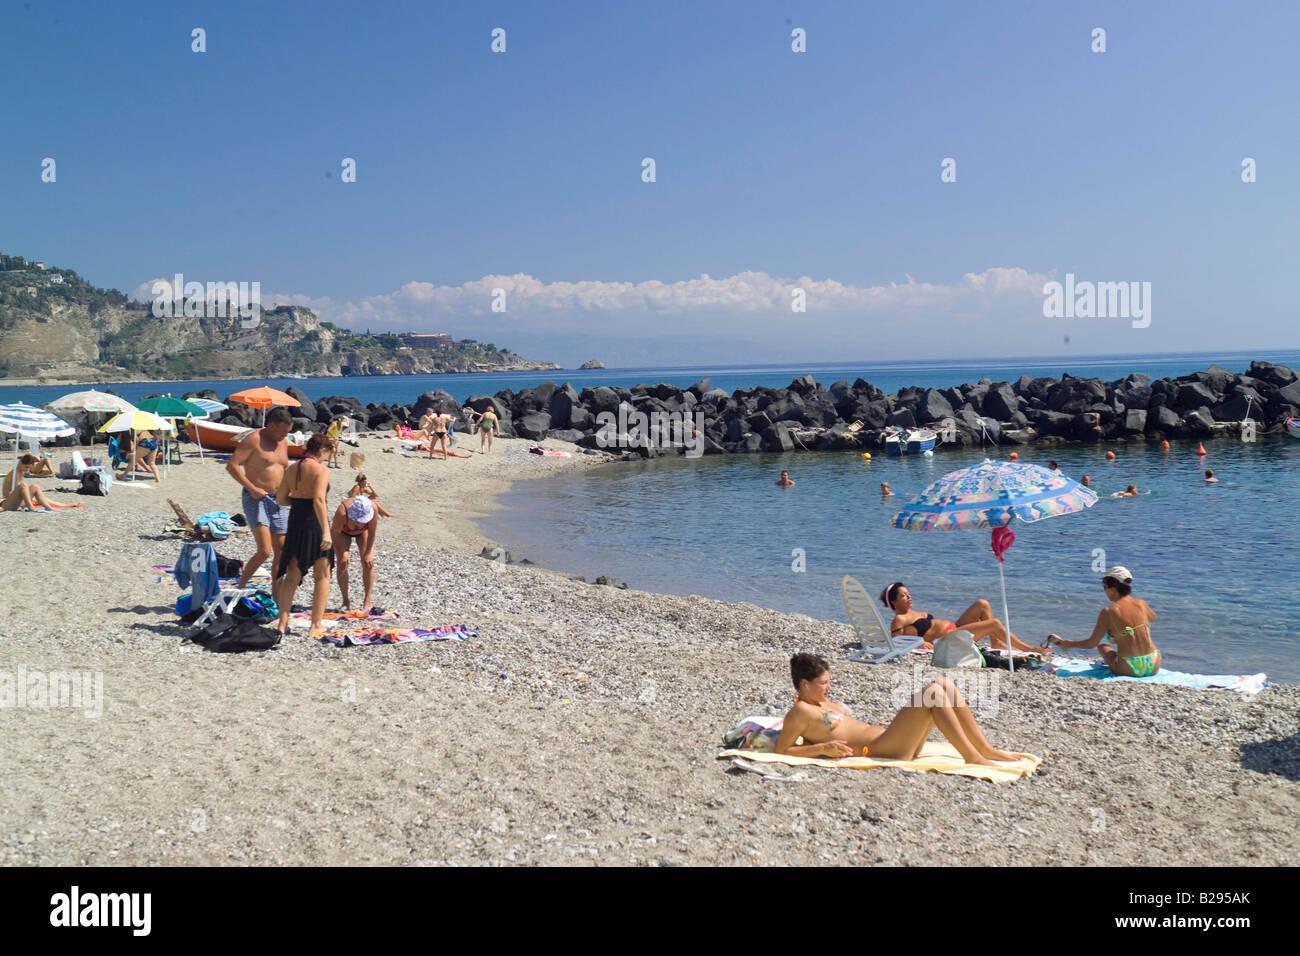 Spiaggia giardini naxos